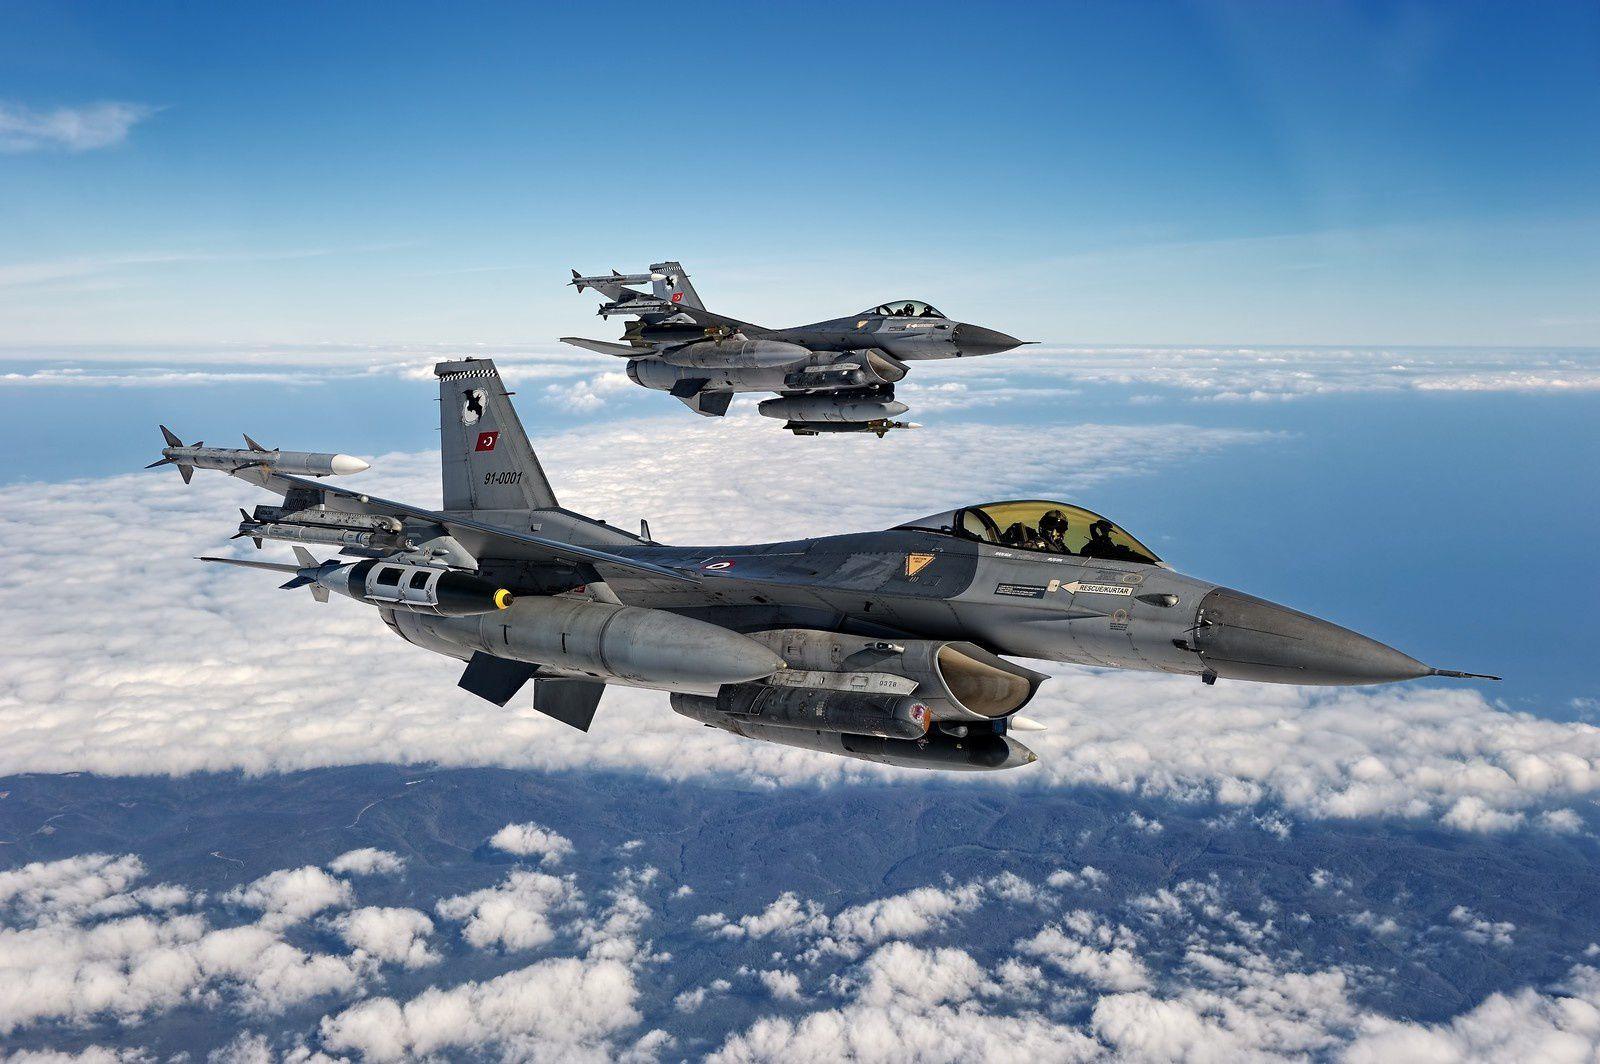 Un F-16C turc s'est écrasé lors d'une mission d'entraînement